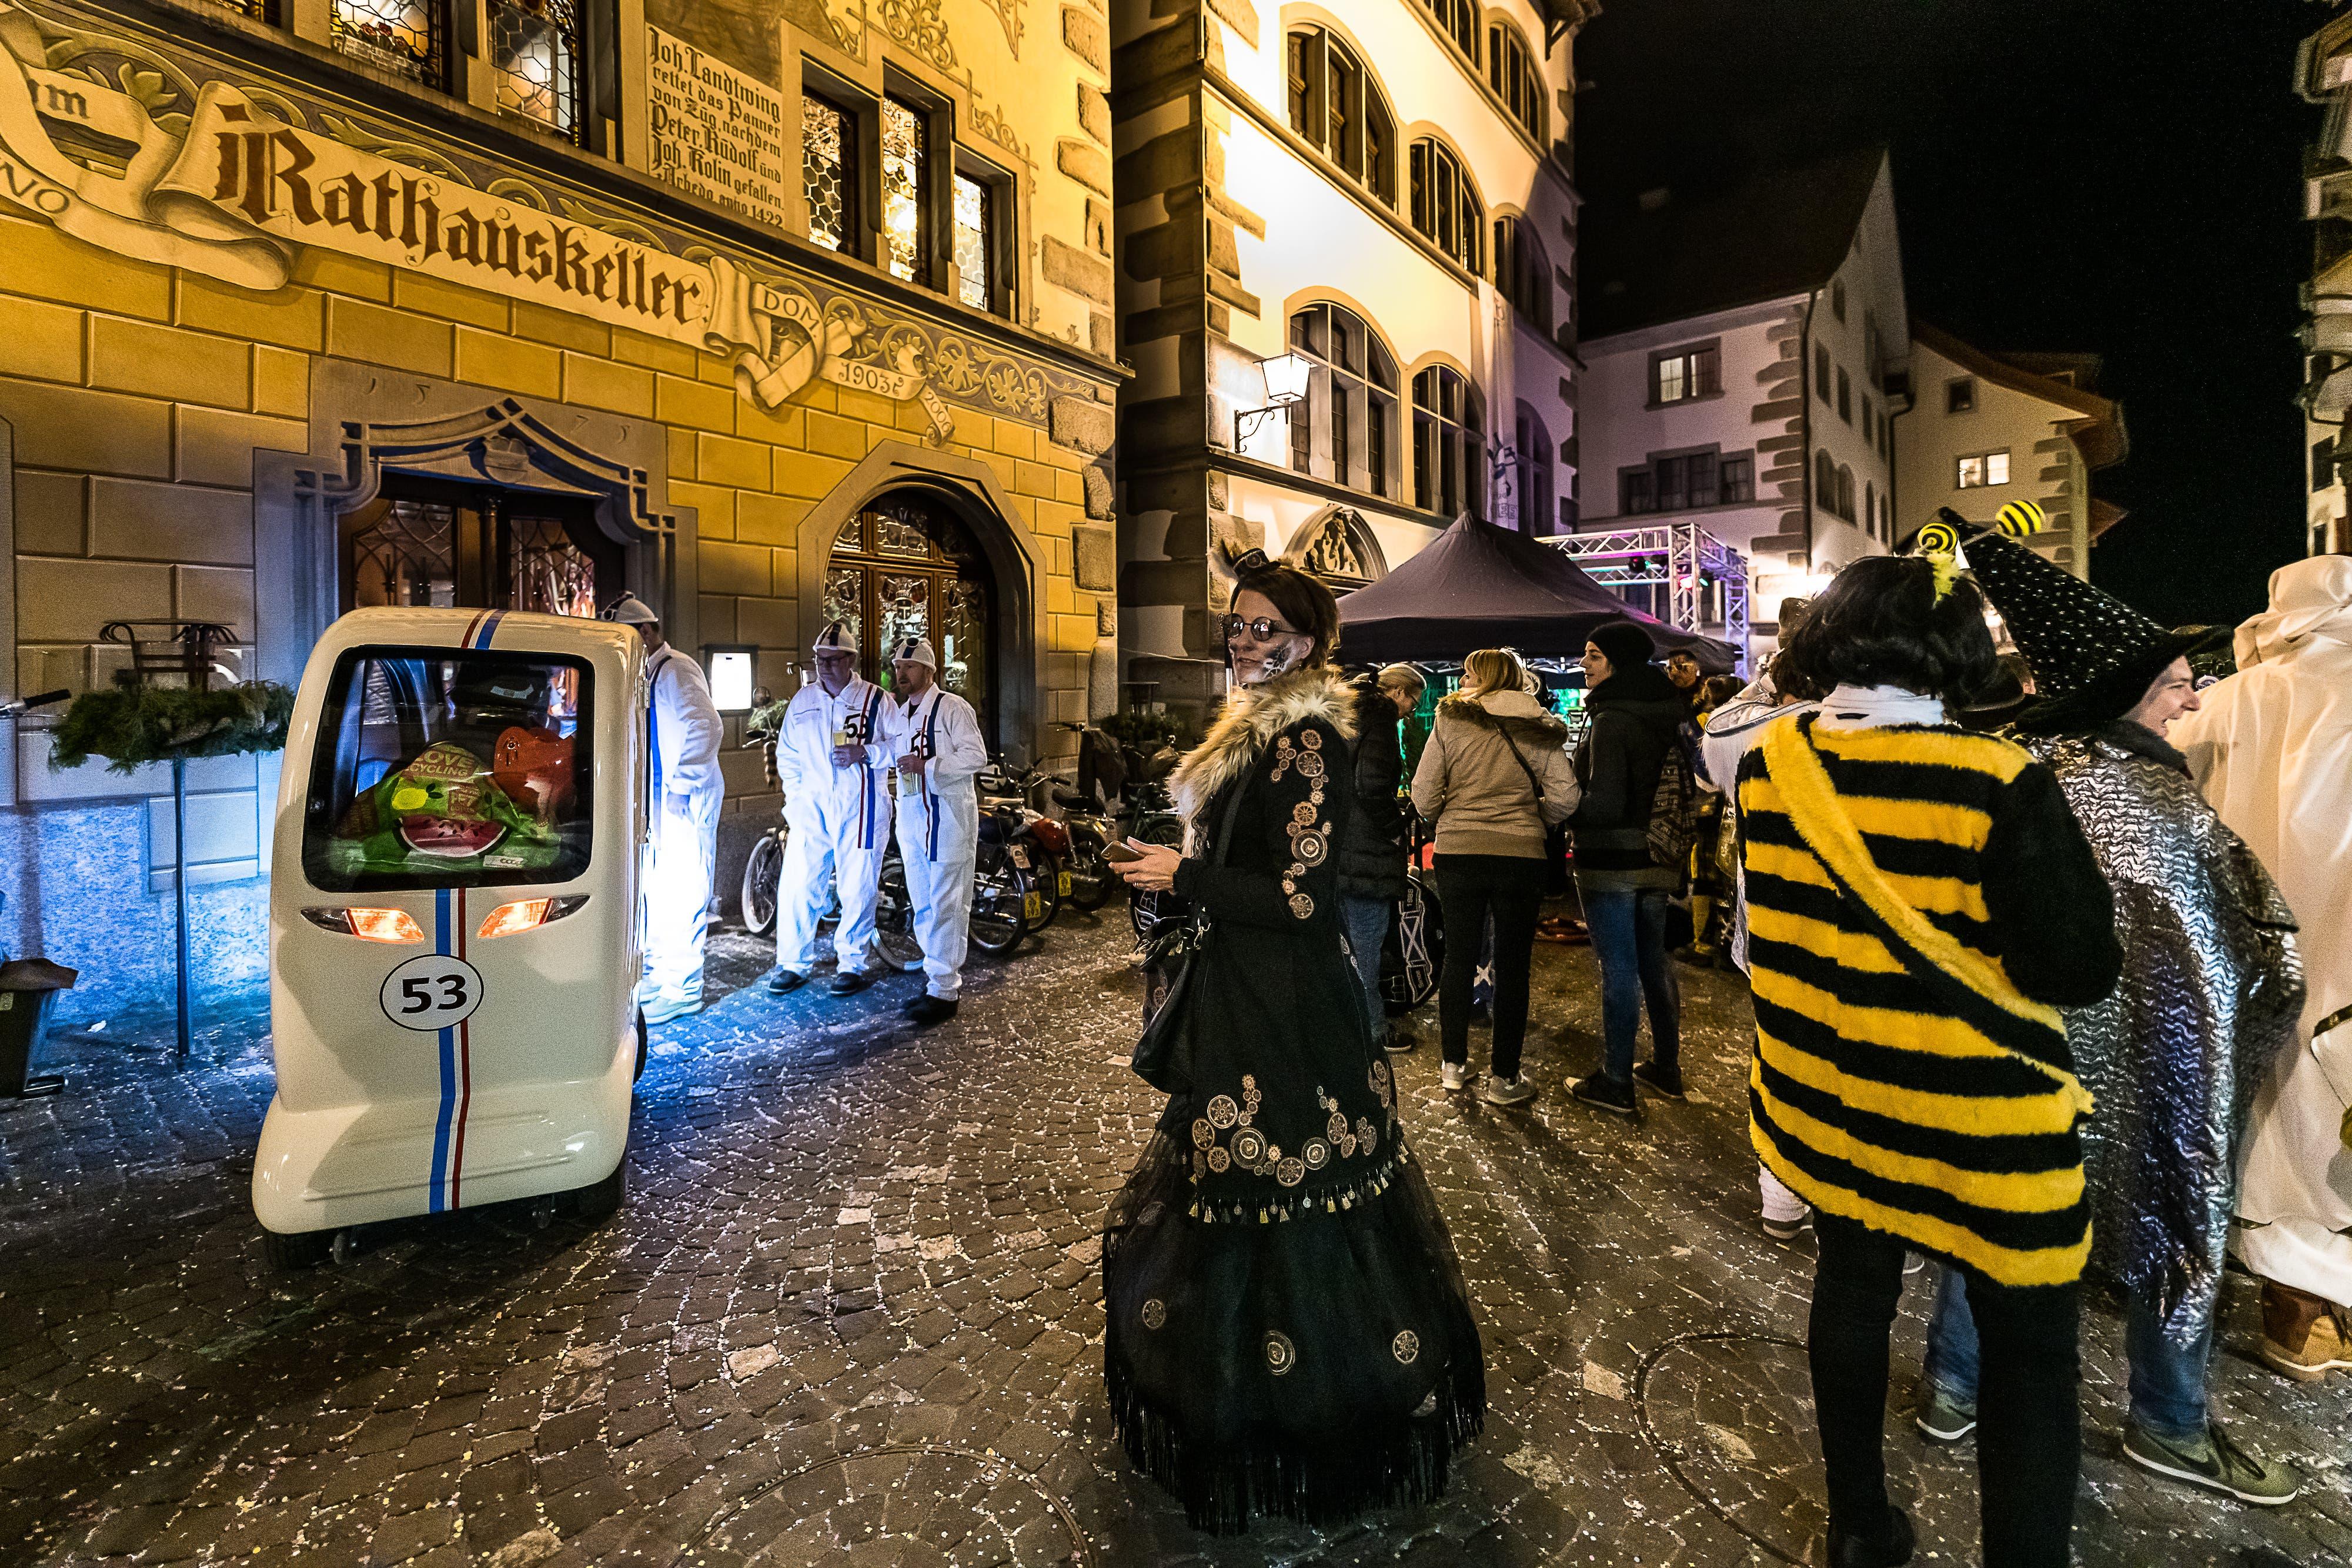 Auch beim Rathauskeller tummeln sich die verschiedenen Gestalten. (Bild: Christian H. Hildebrand, (Zug, 28. Februar 2019))